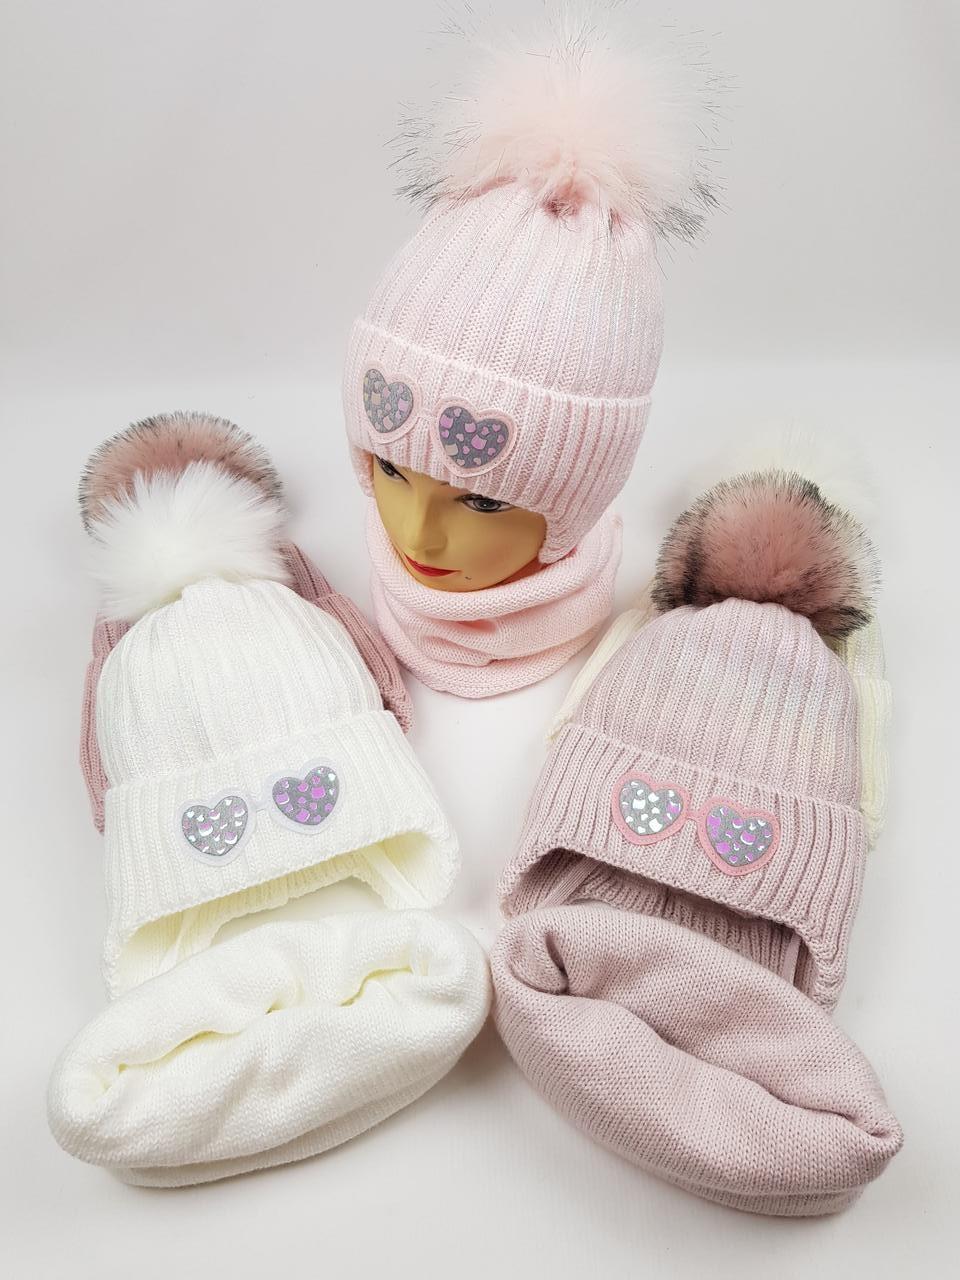 Дитячі польські зимові в'язані шапки на флісі з завязками і помпоном оптом для дівчат, р.48-50, Ambra